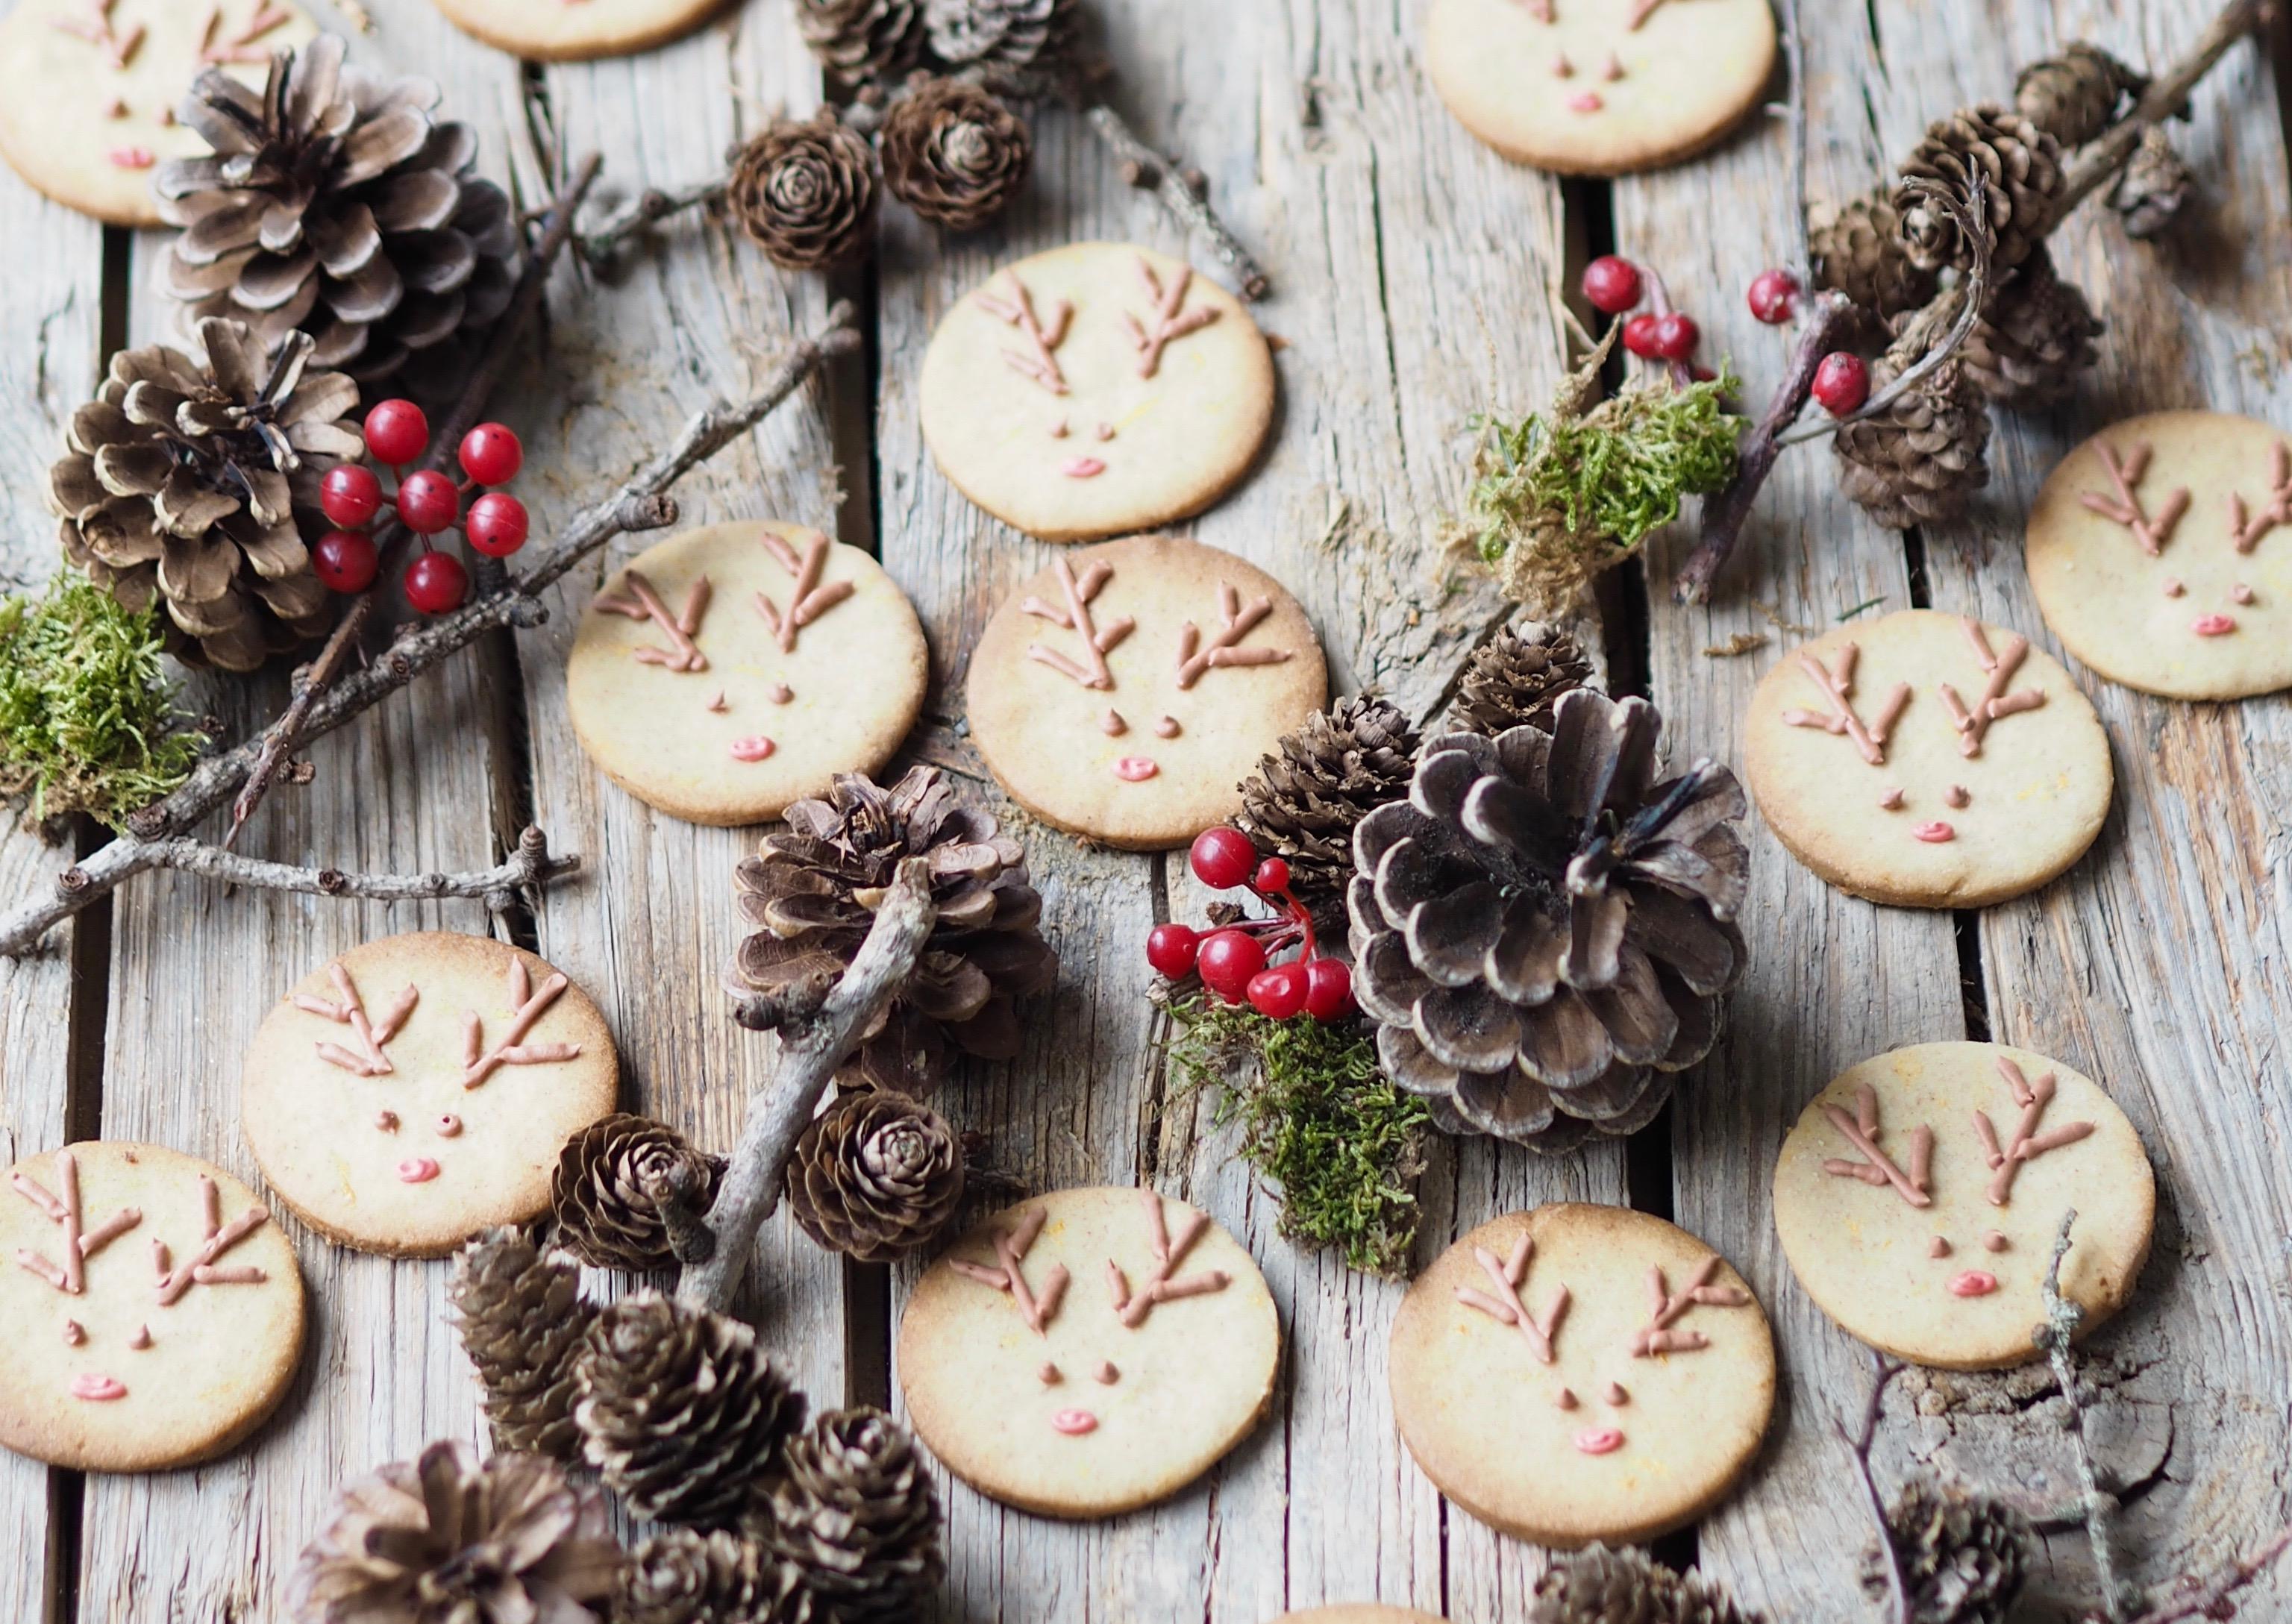 småkager appelsin kanel julesmåkager